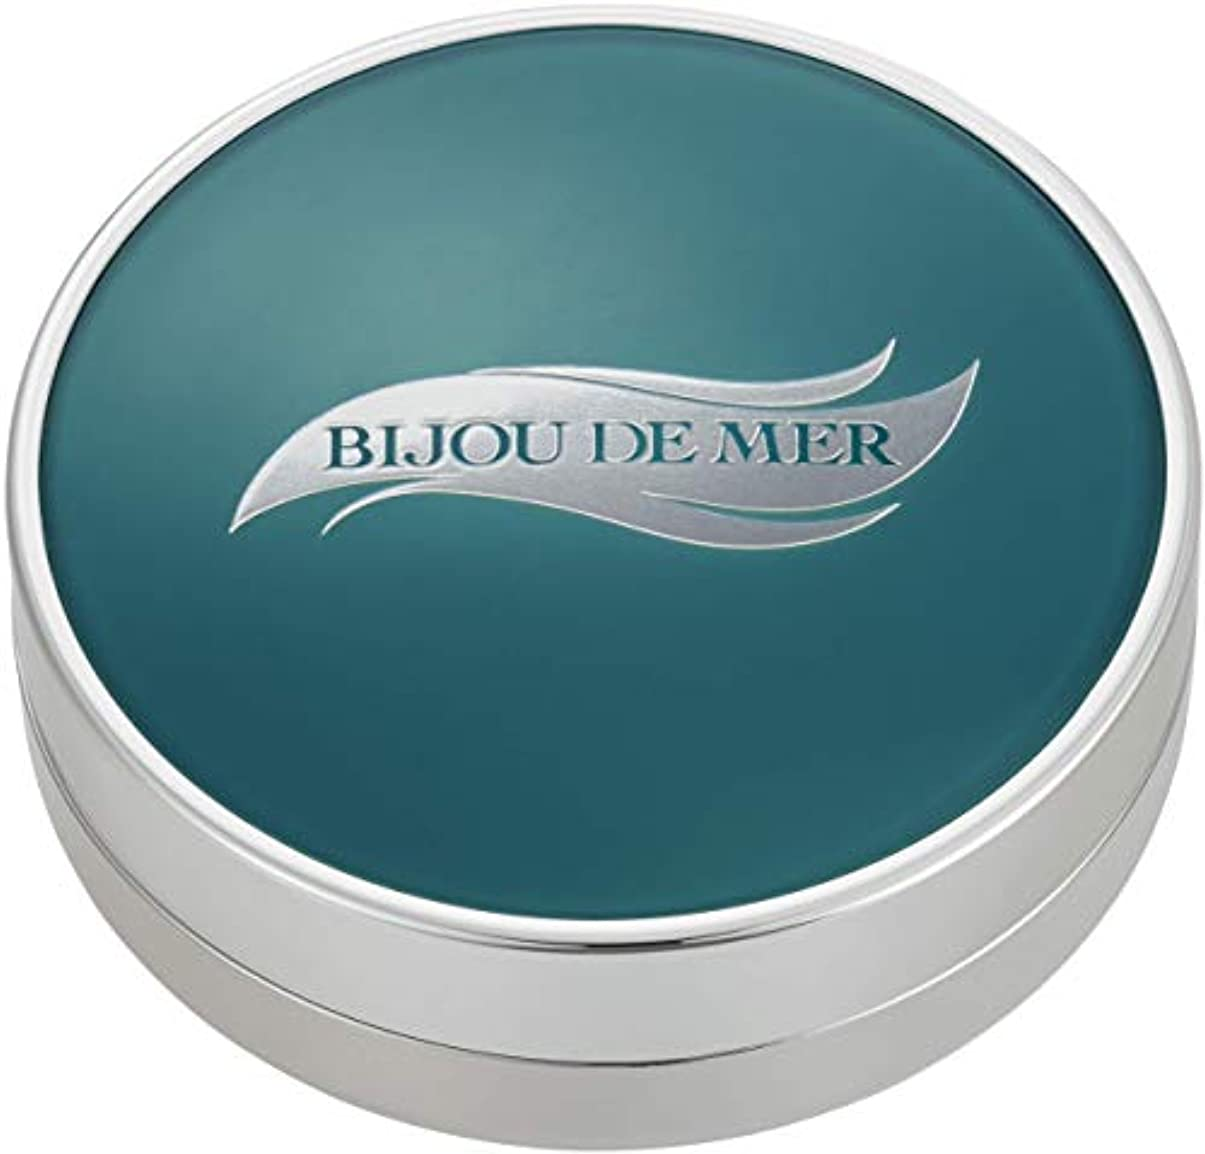 電池ポイント氷BIJOU DE MER ビジュー ドゥ メール リジューブフェイス Rファンデーション SPF50+ PA+++ 【セット内容】 コンパクト?レフィル2個?パフ2個 (ライトピンク)